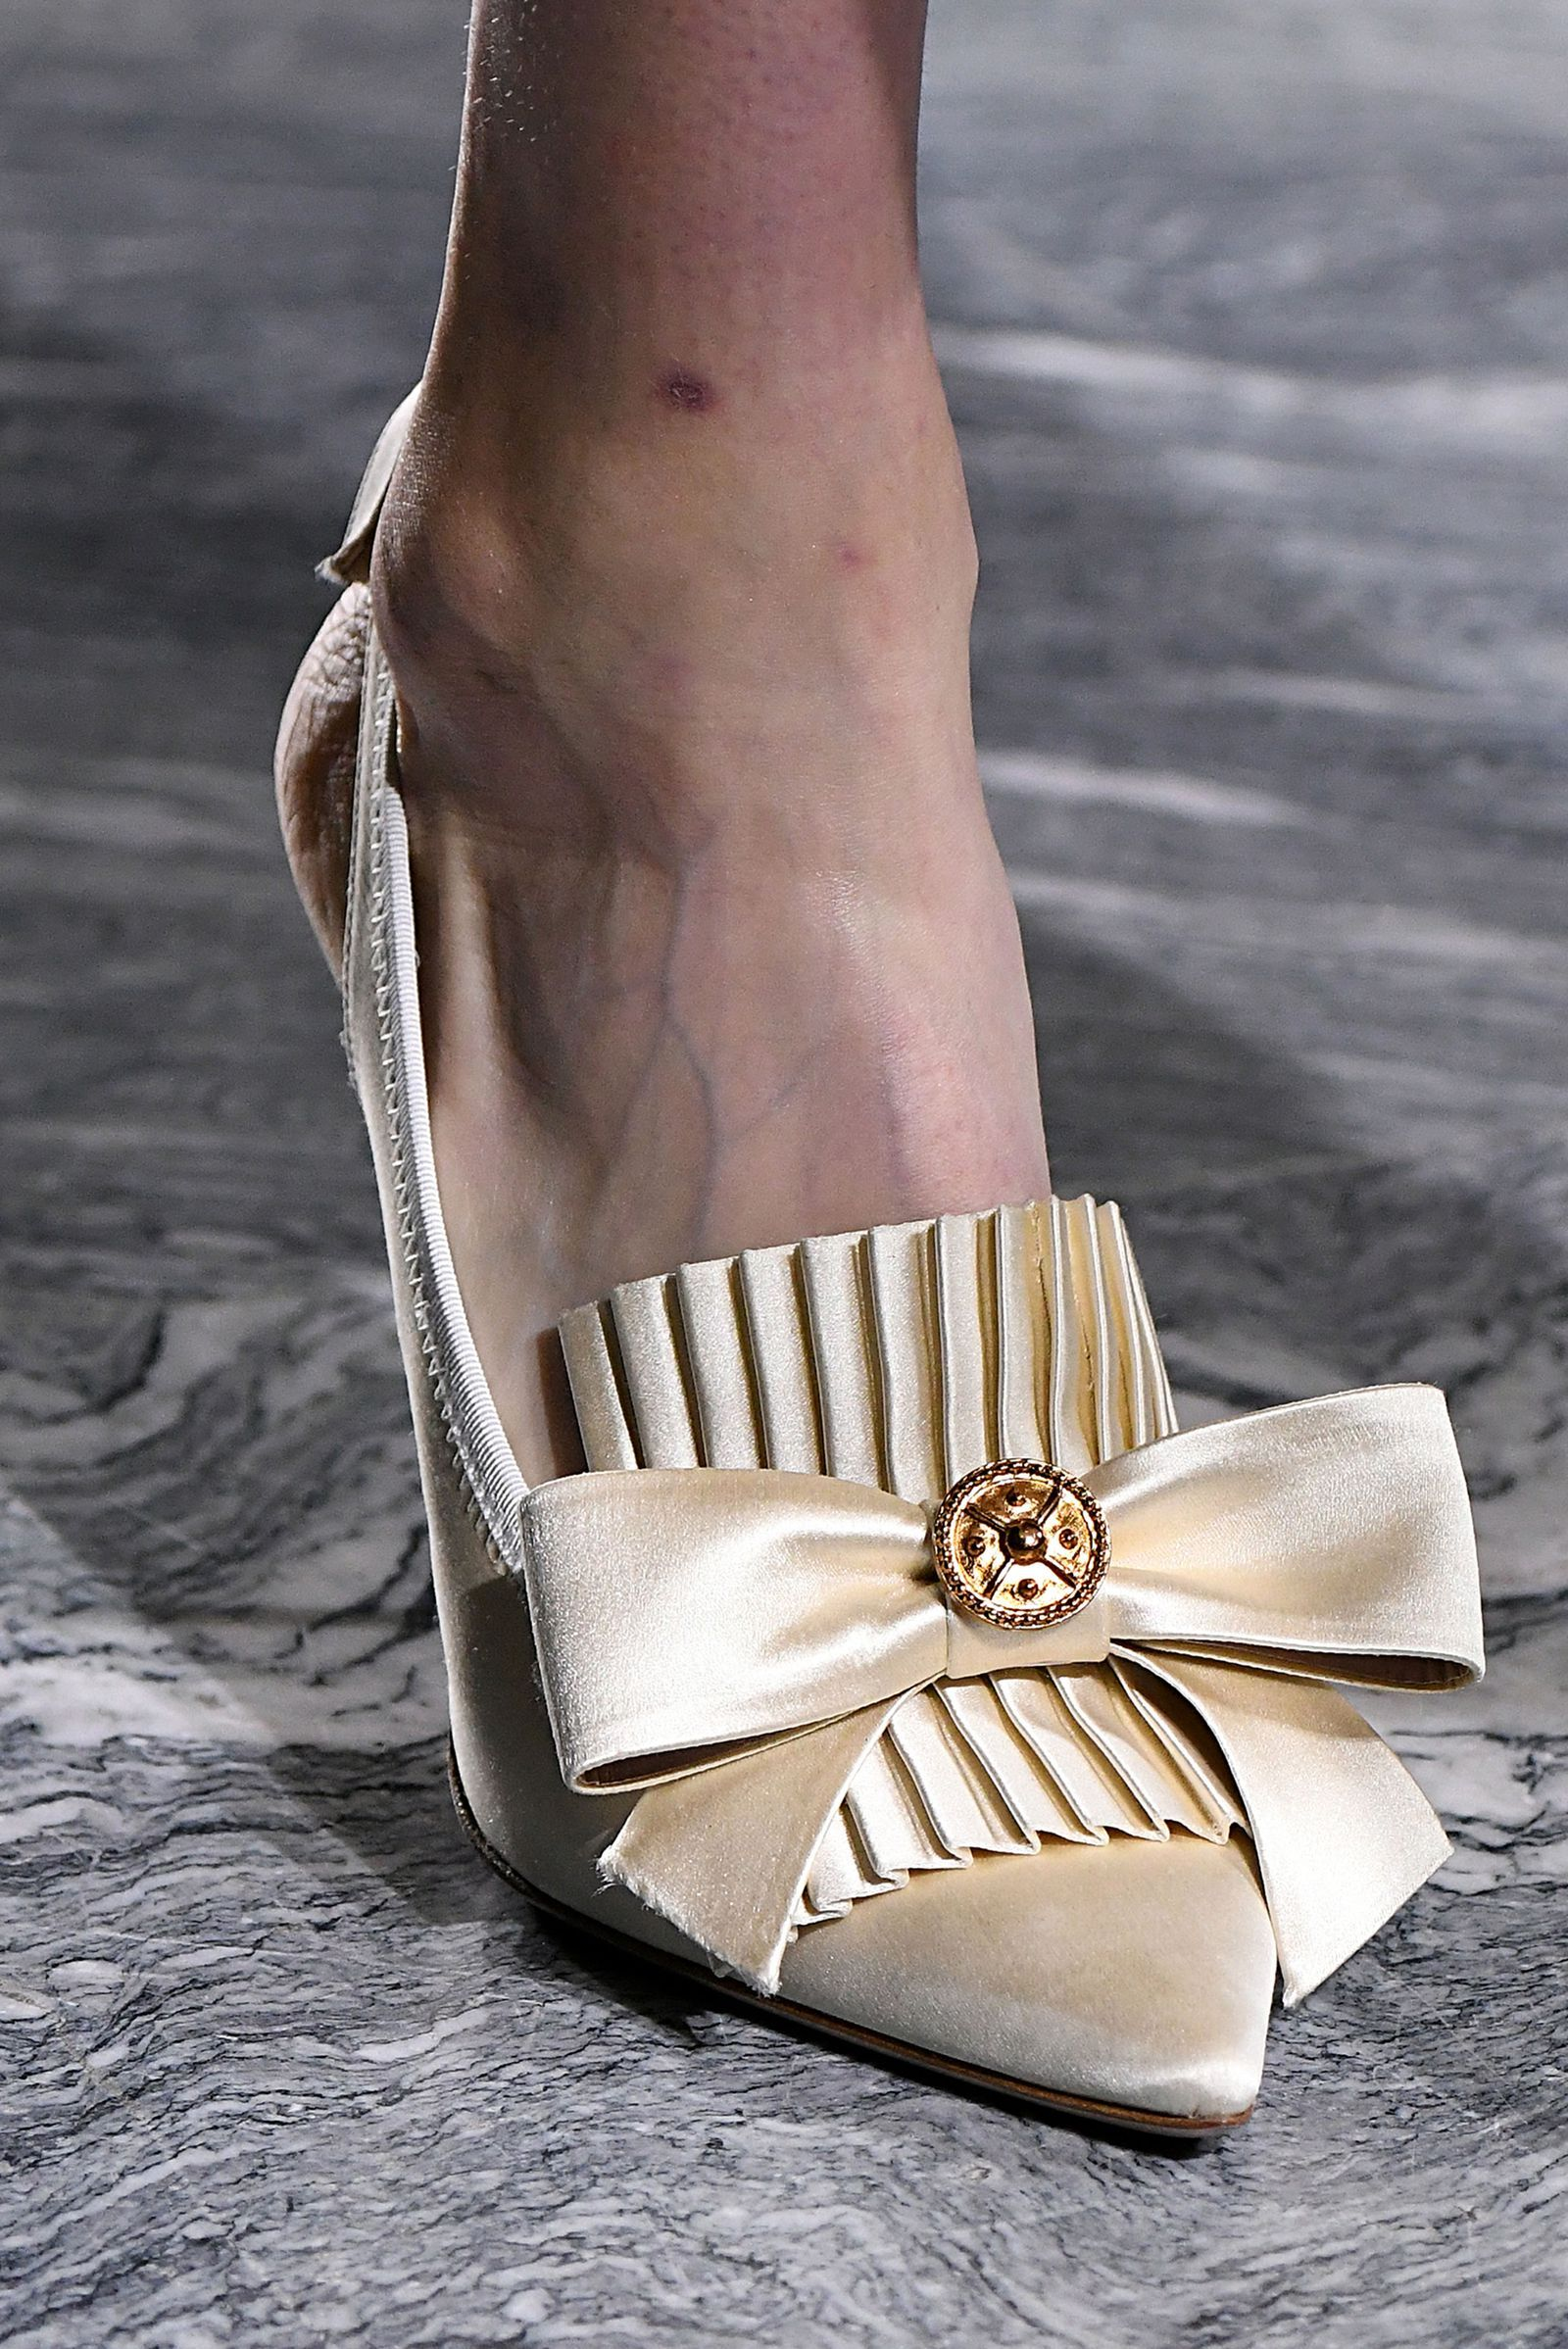 Sandalias · Prada · Fausto Puglisi Zapatos, Semanas De La Moda De Milán,  Zapatos De La Pista, f388f7a6d2